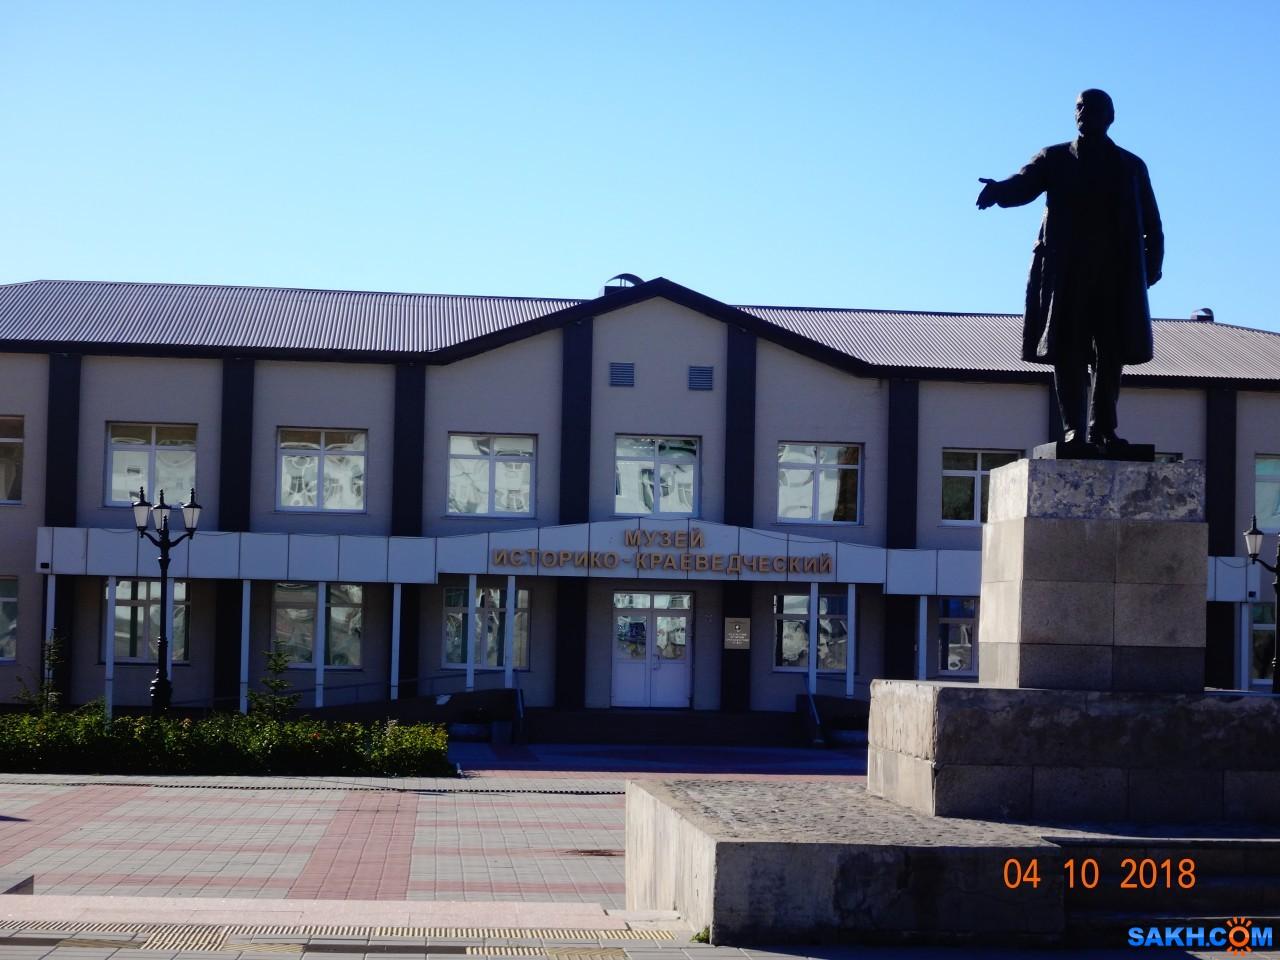 vera.modzhtnok.49: Невельск.